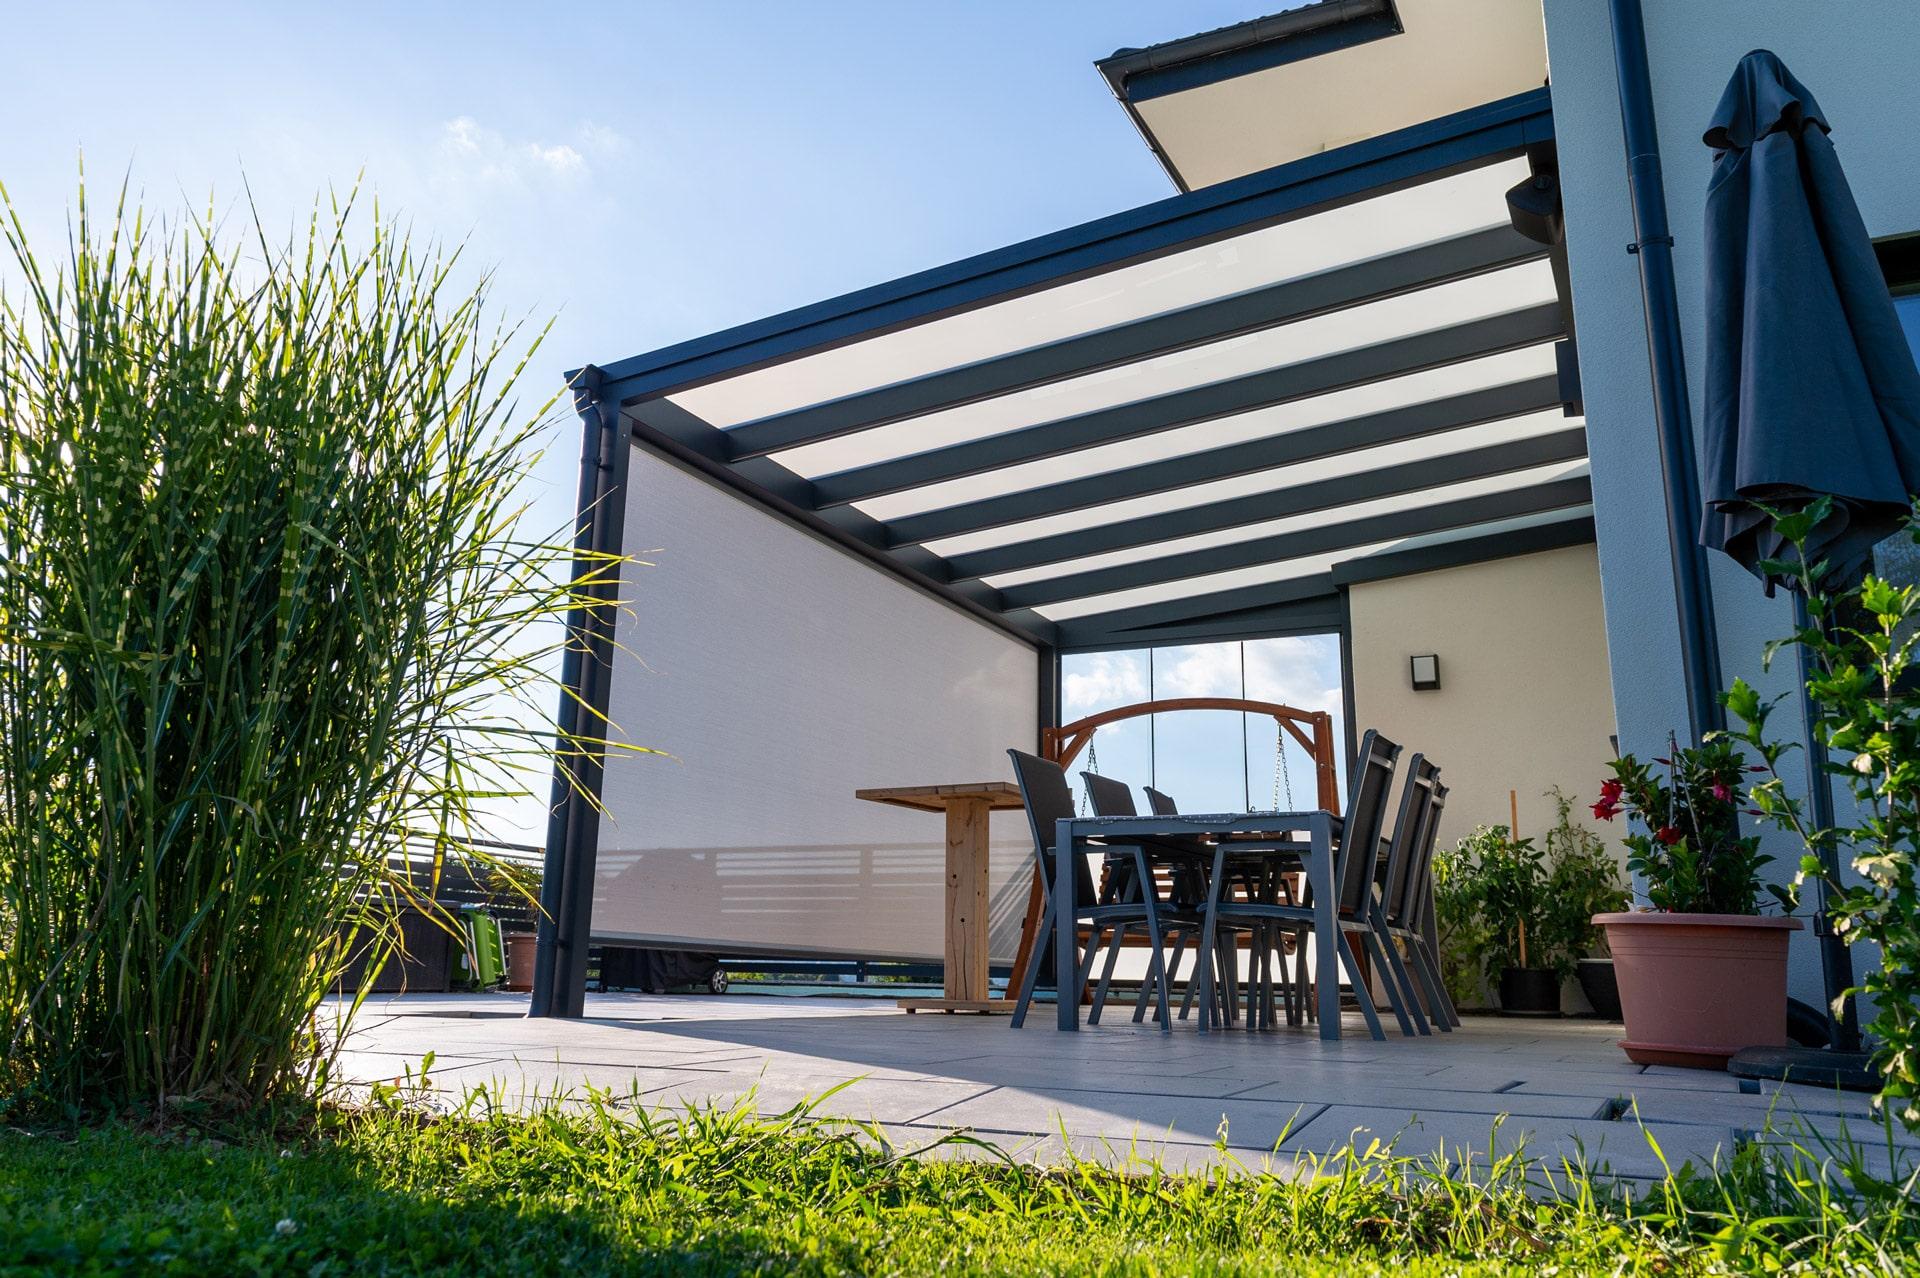 Z 16 a | hellgrau-weiße offene Senkrechtmarkise als Sonnenschutz & Windschutz bei Terrasse | Svoboda